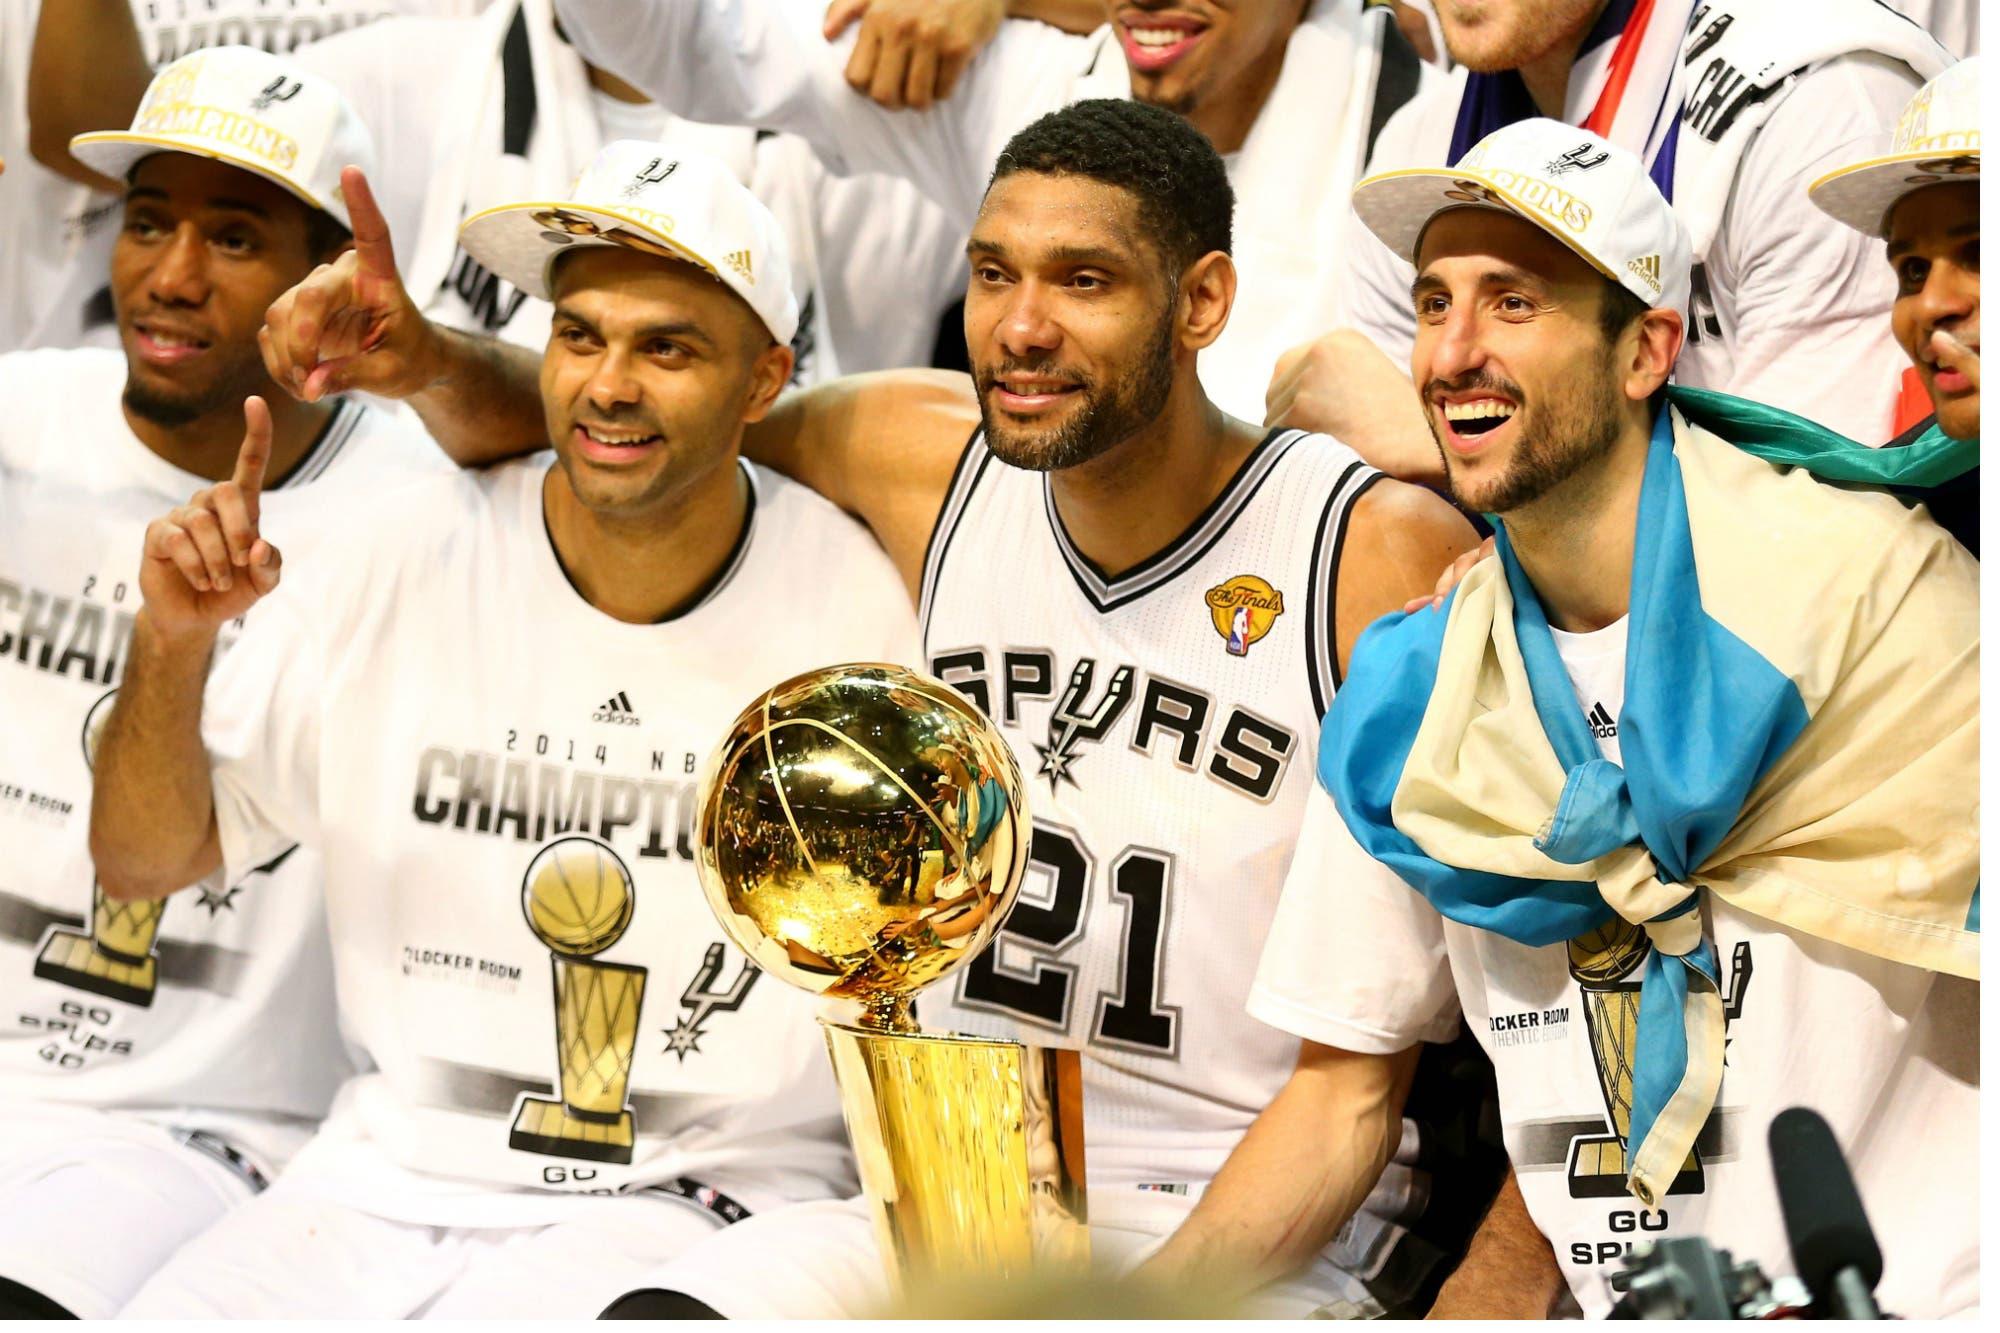 El final de un ciclo brillante: Tony Parker se va de San Antonio Spurs y deja solo a Manu Ginóbili